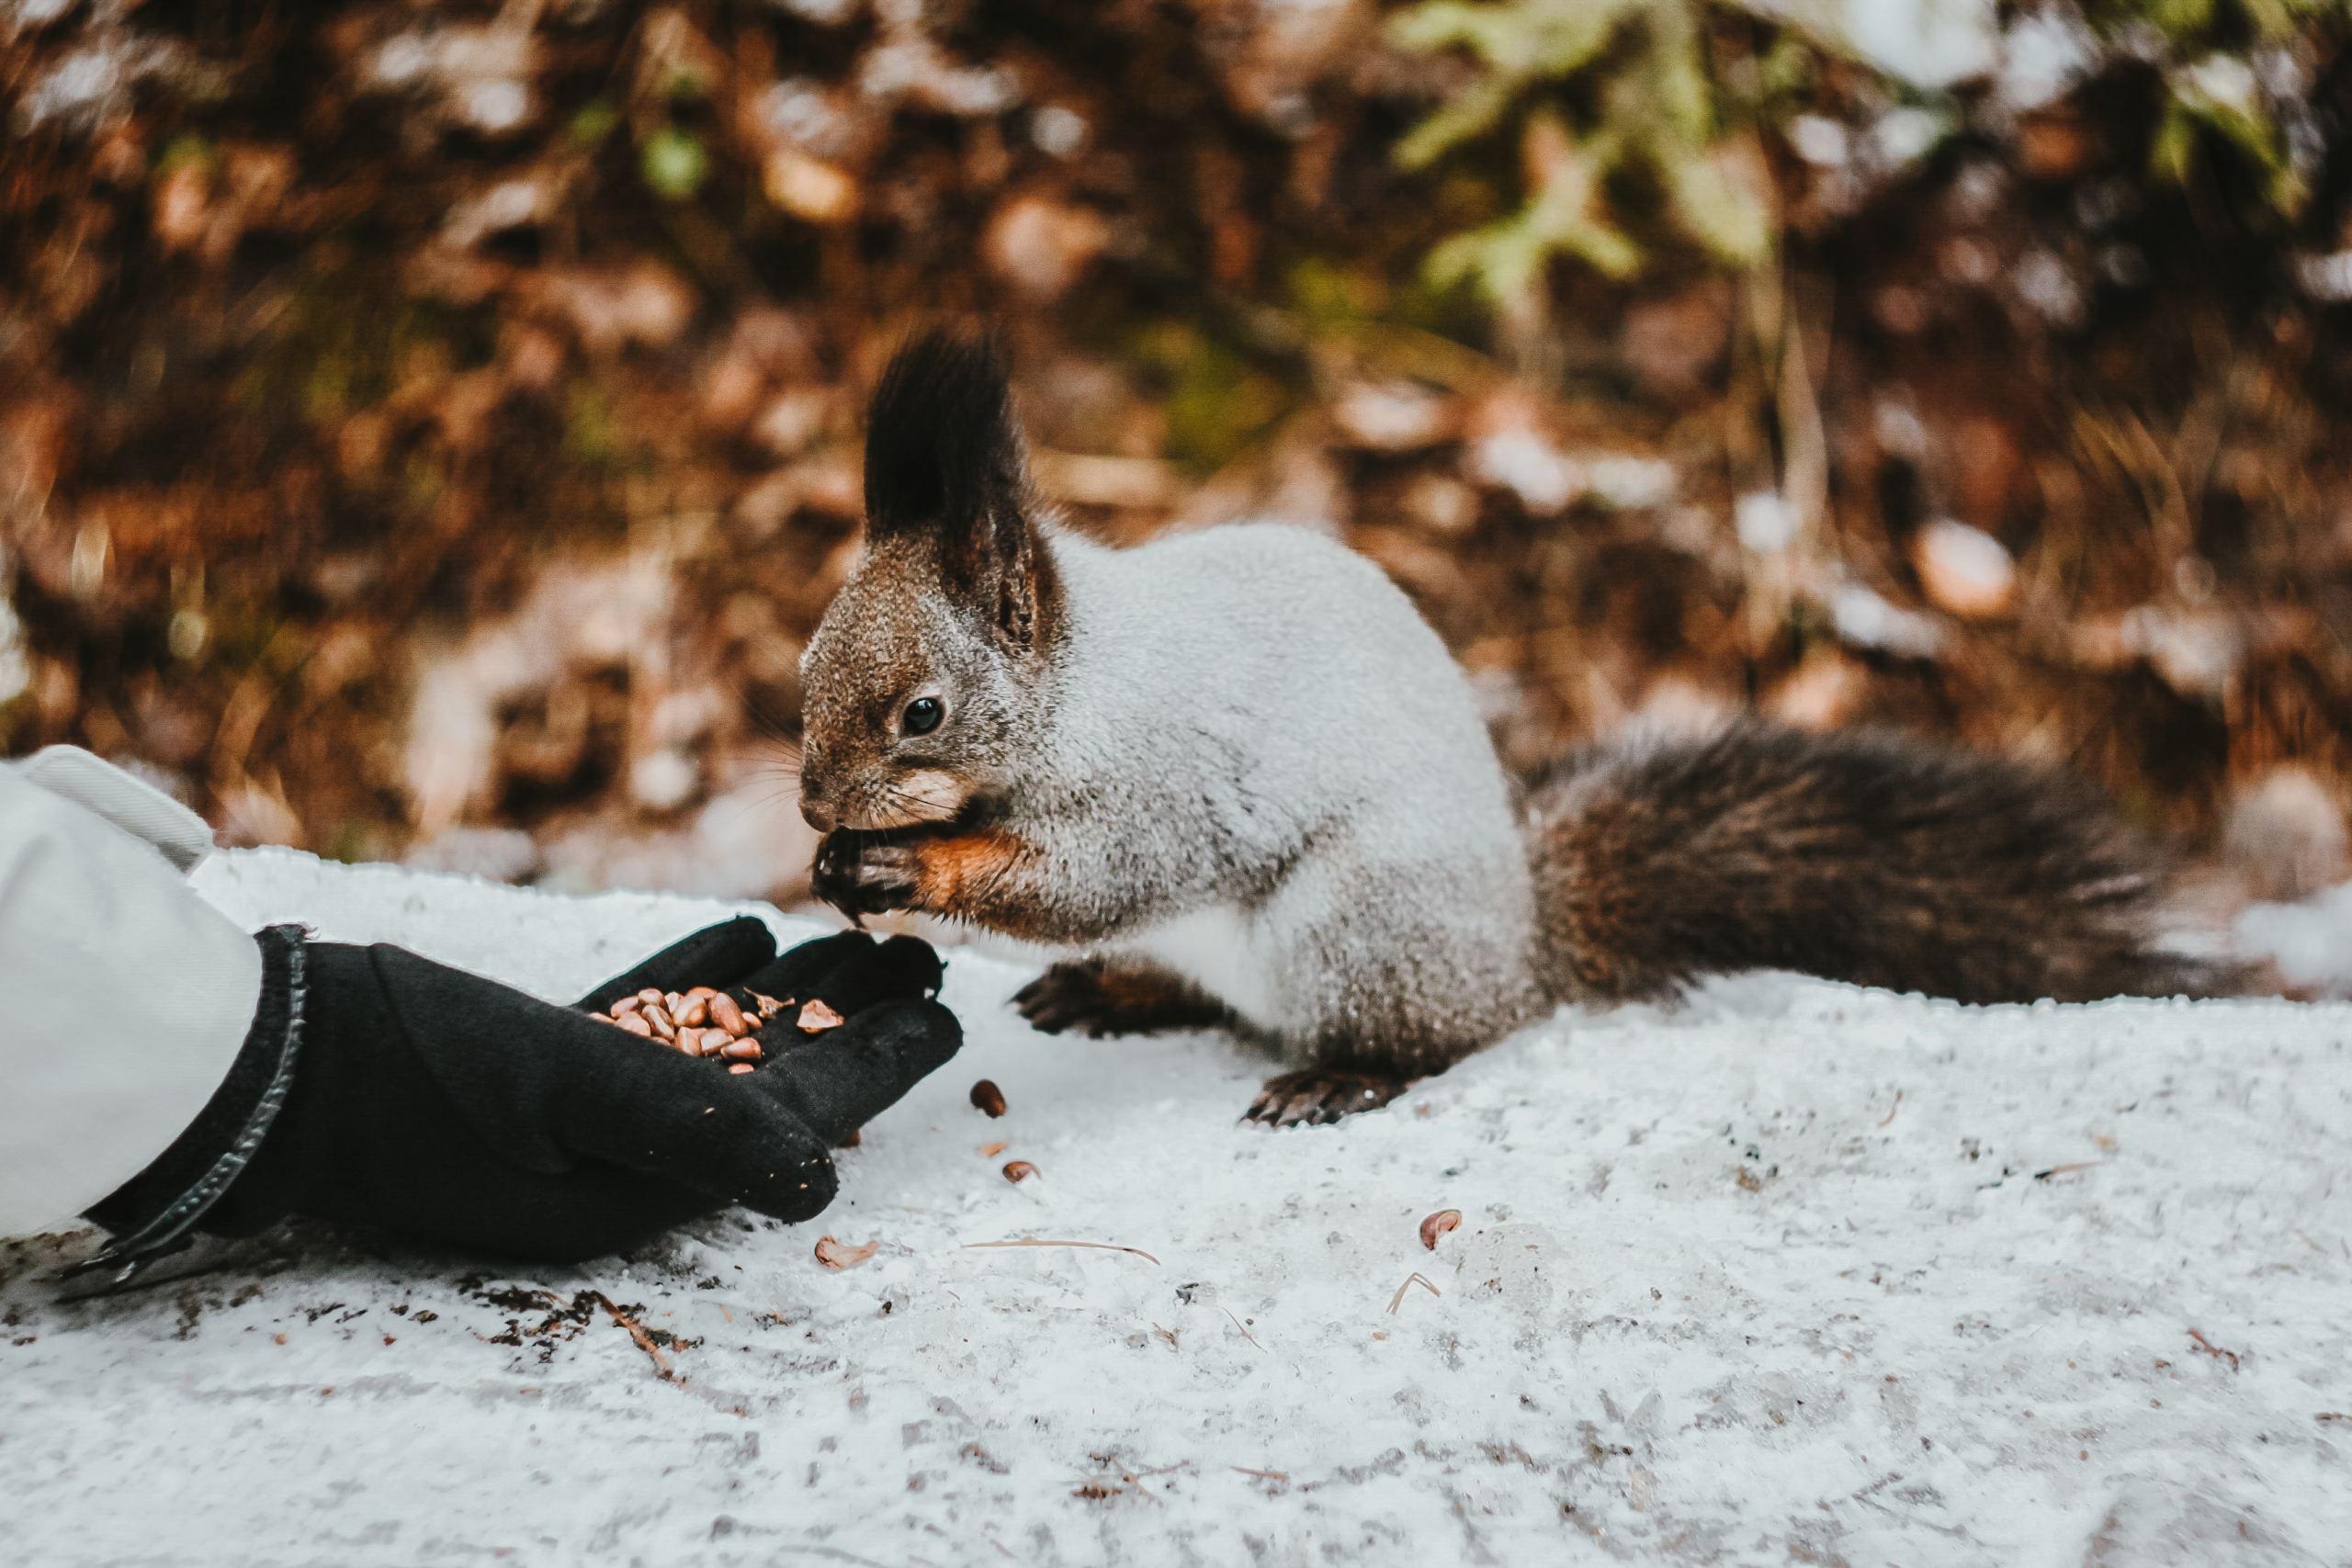 ein-eichhörnchen-frisst-körner-von-einer-hand